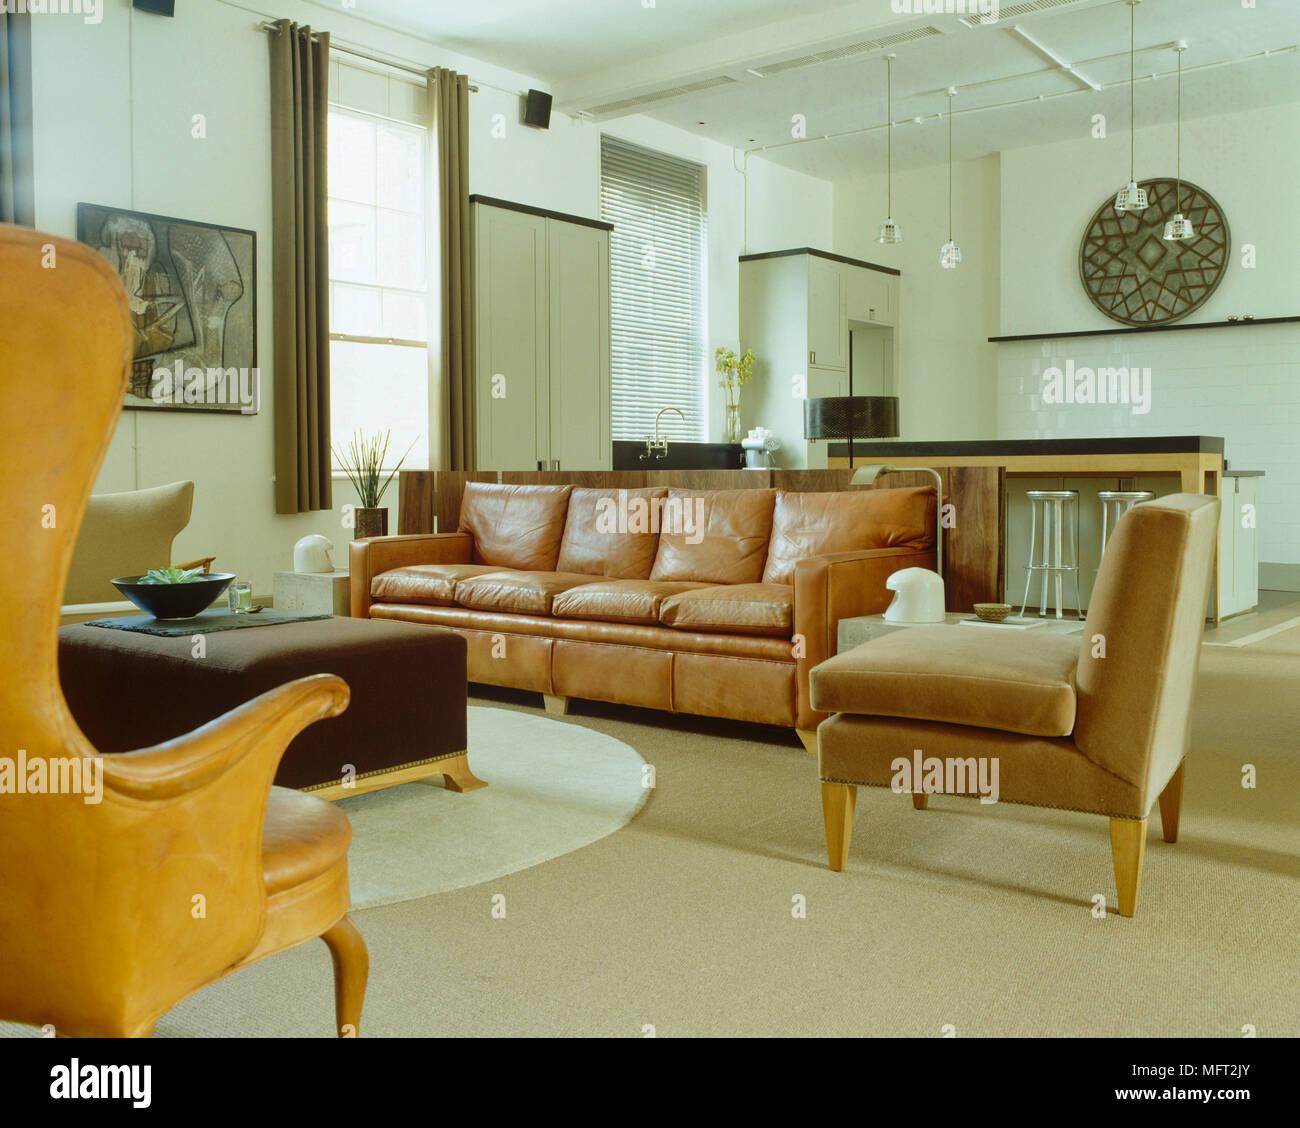 Modernes Wohnzimmer Offene Küche | Wohnzimmer Mit Offener Küche Modern